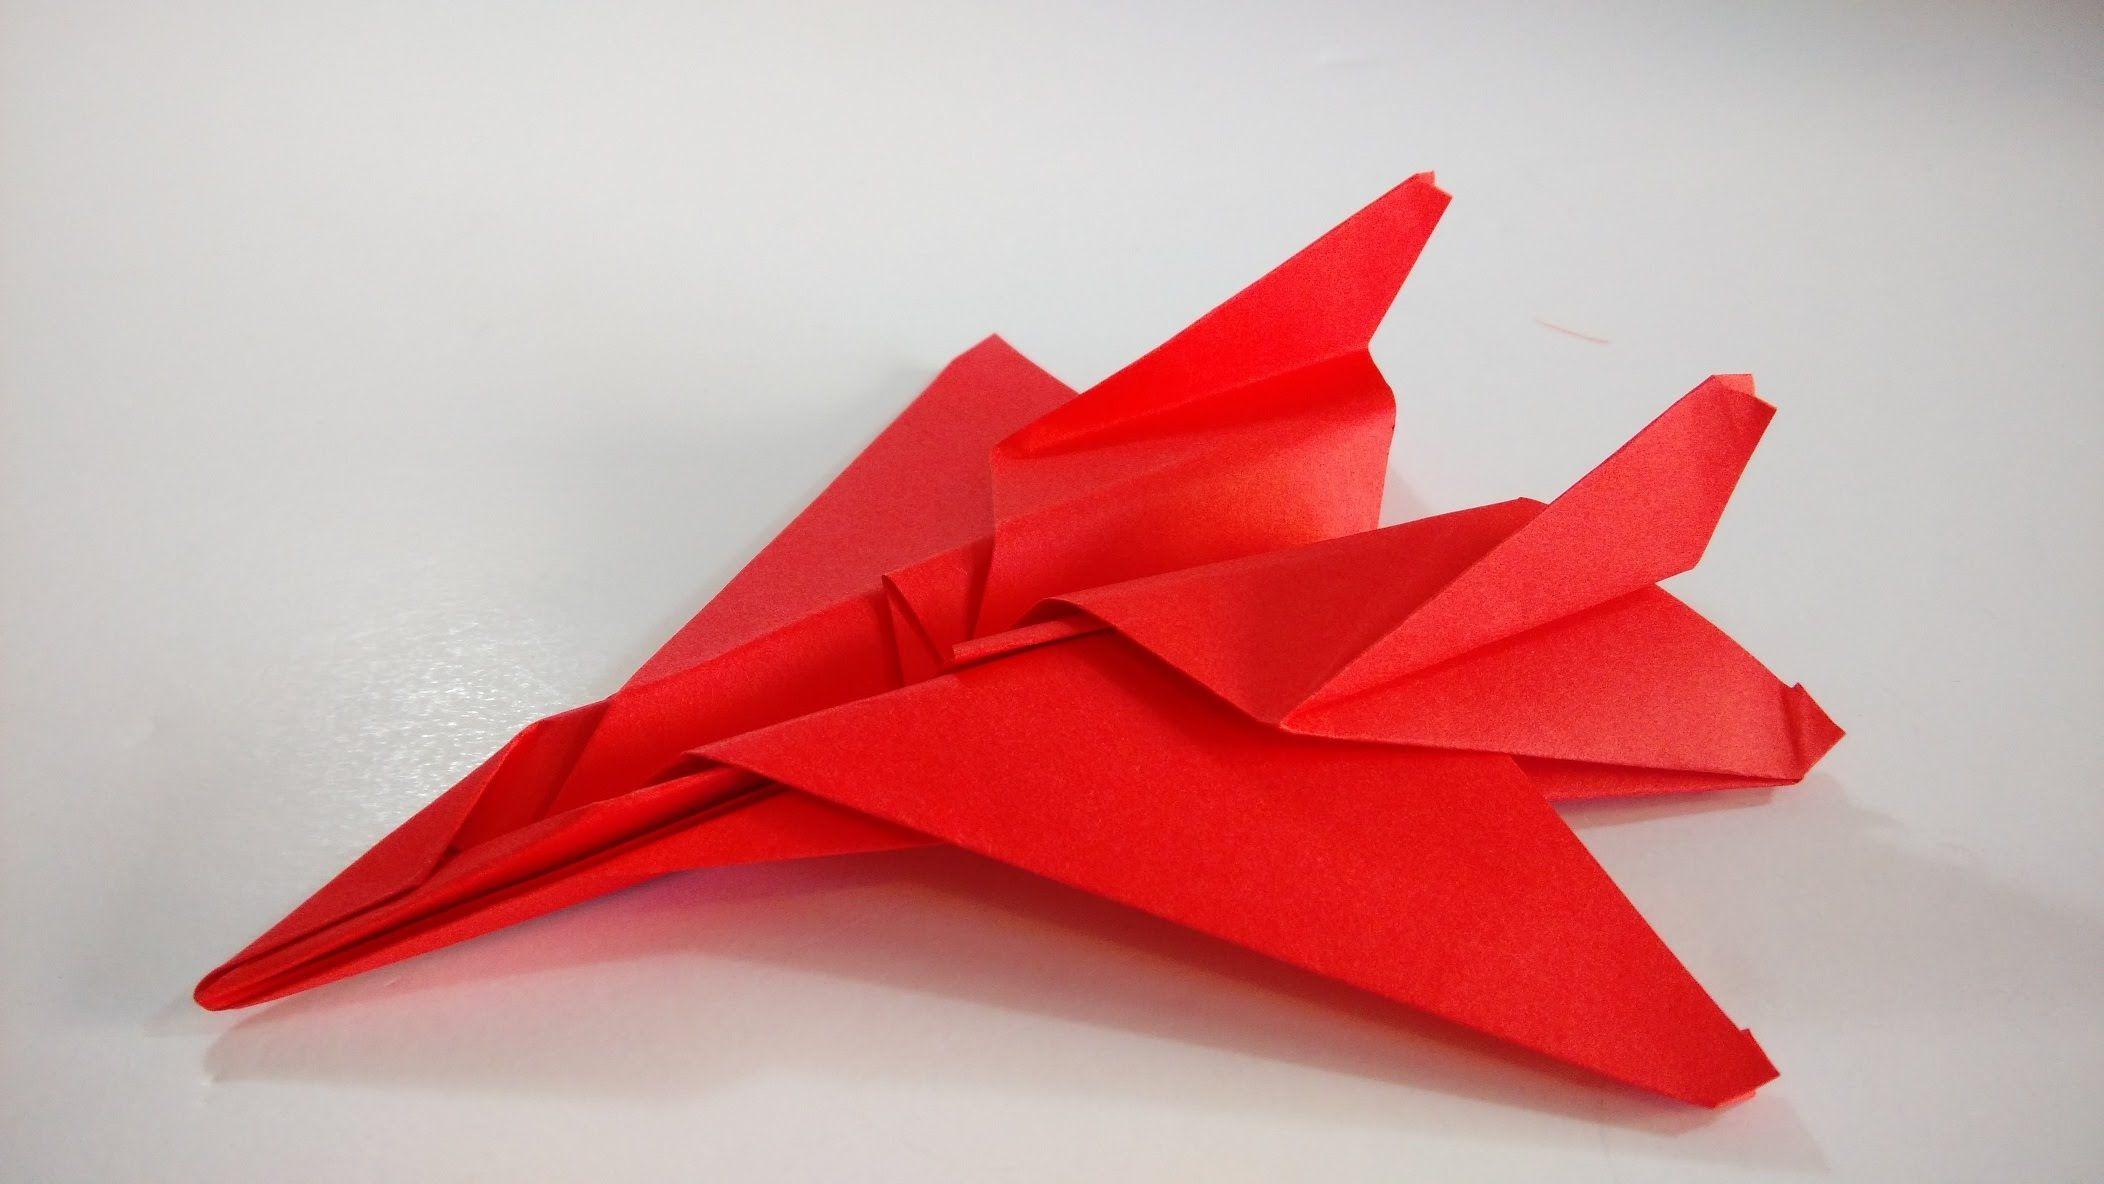 Como Hacer Un Avion De Papel F15 Eagle Jet Fighter Aviones De Papel Como Hacer Un Avion Sobres De Papel